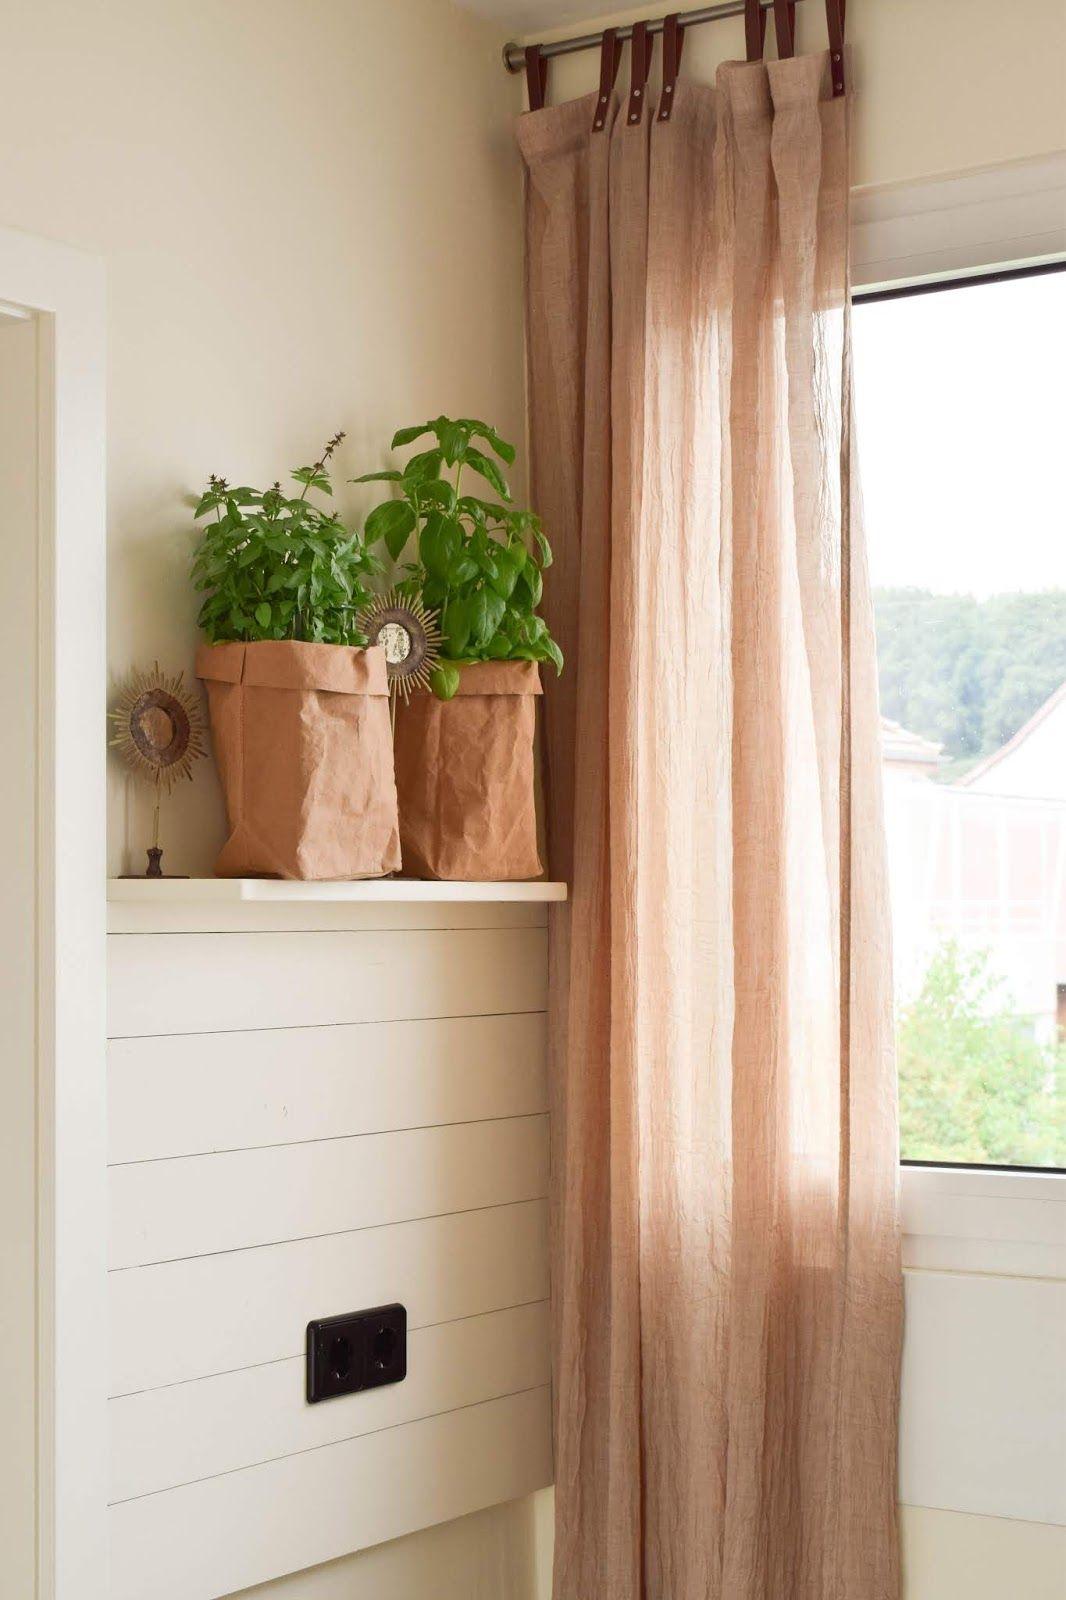 Full Size of Kräutertopf Ikea Krutertopf Fr Kche Bessere Idee Kruter In Küche Kosten Betten Bei Kaufen Sofa Mit Schlaffunktion Modulküche Miniküche 160x200 Wohnzimmer Kräutertopf Ikea